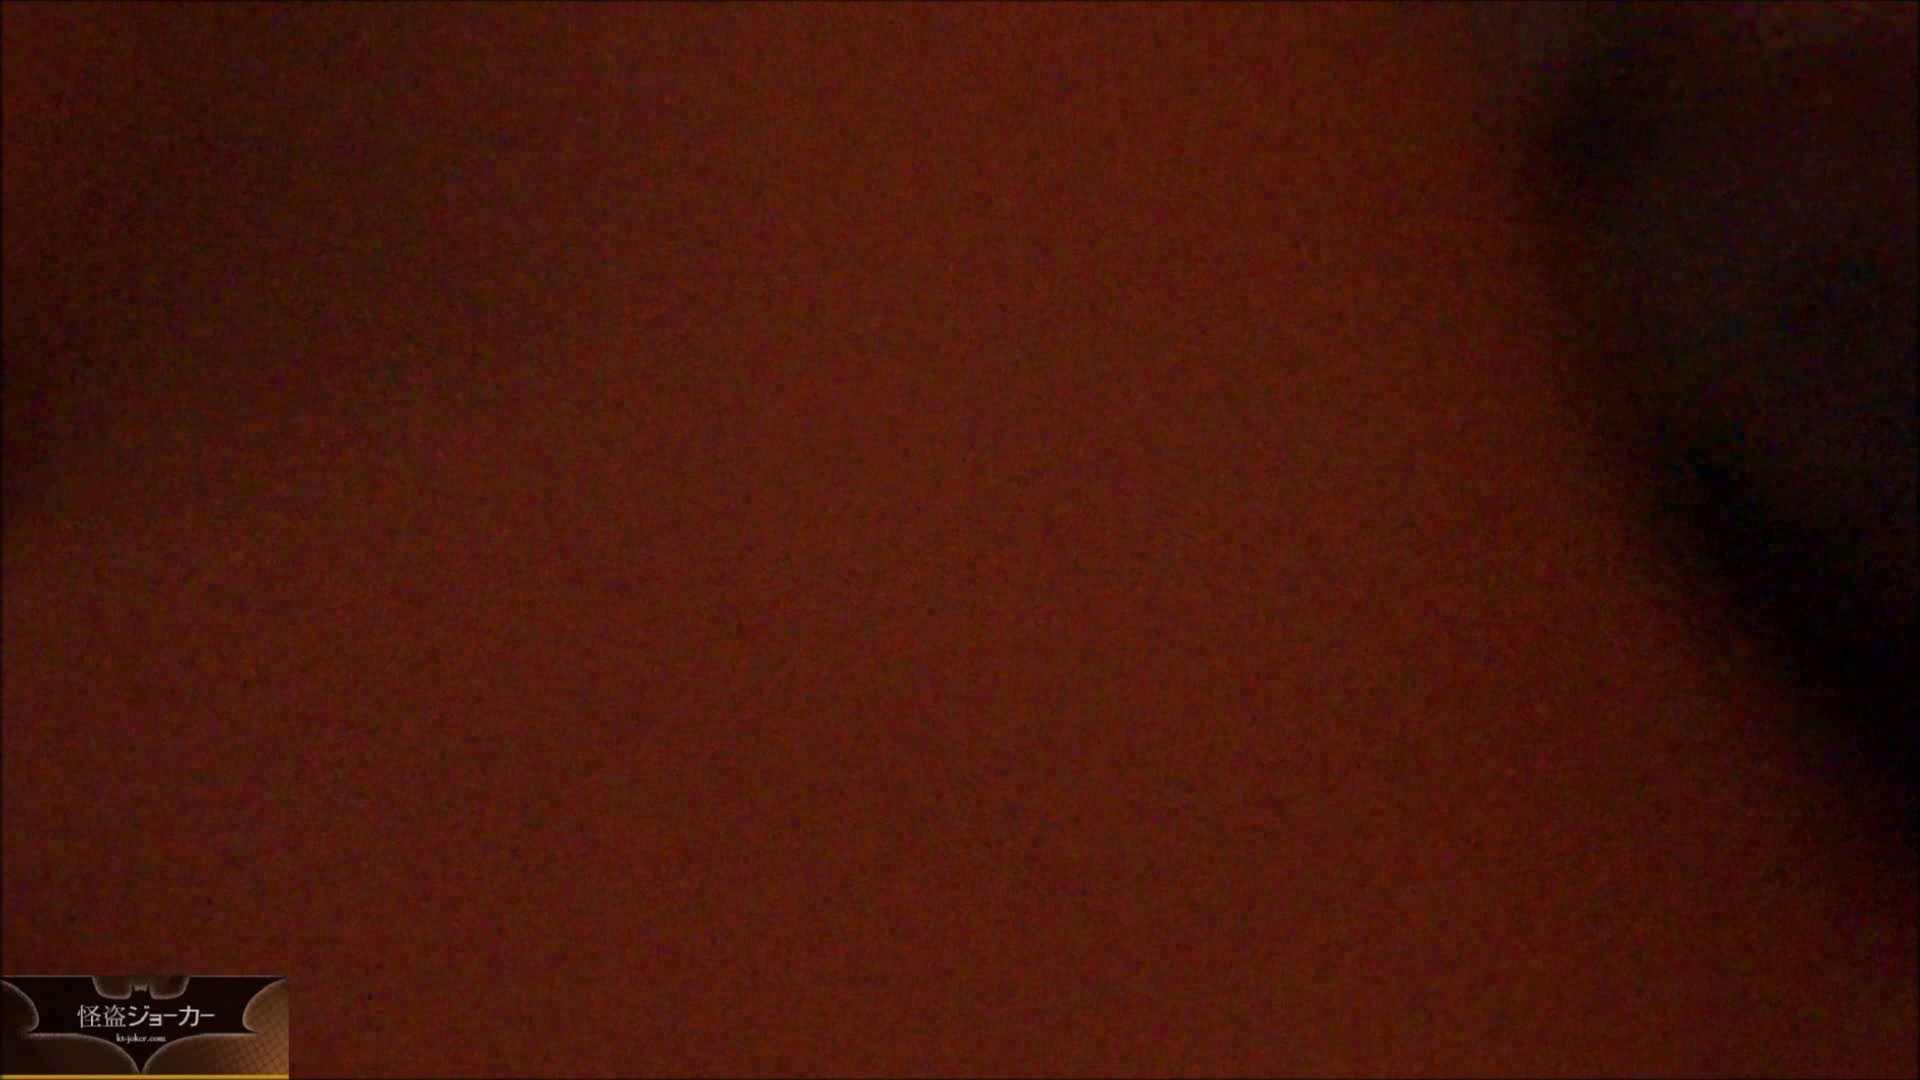 【未公開】vol.31 朋葉を目民り姫にして味比べ・・・ 肛門   OL  60連発 36